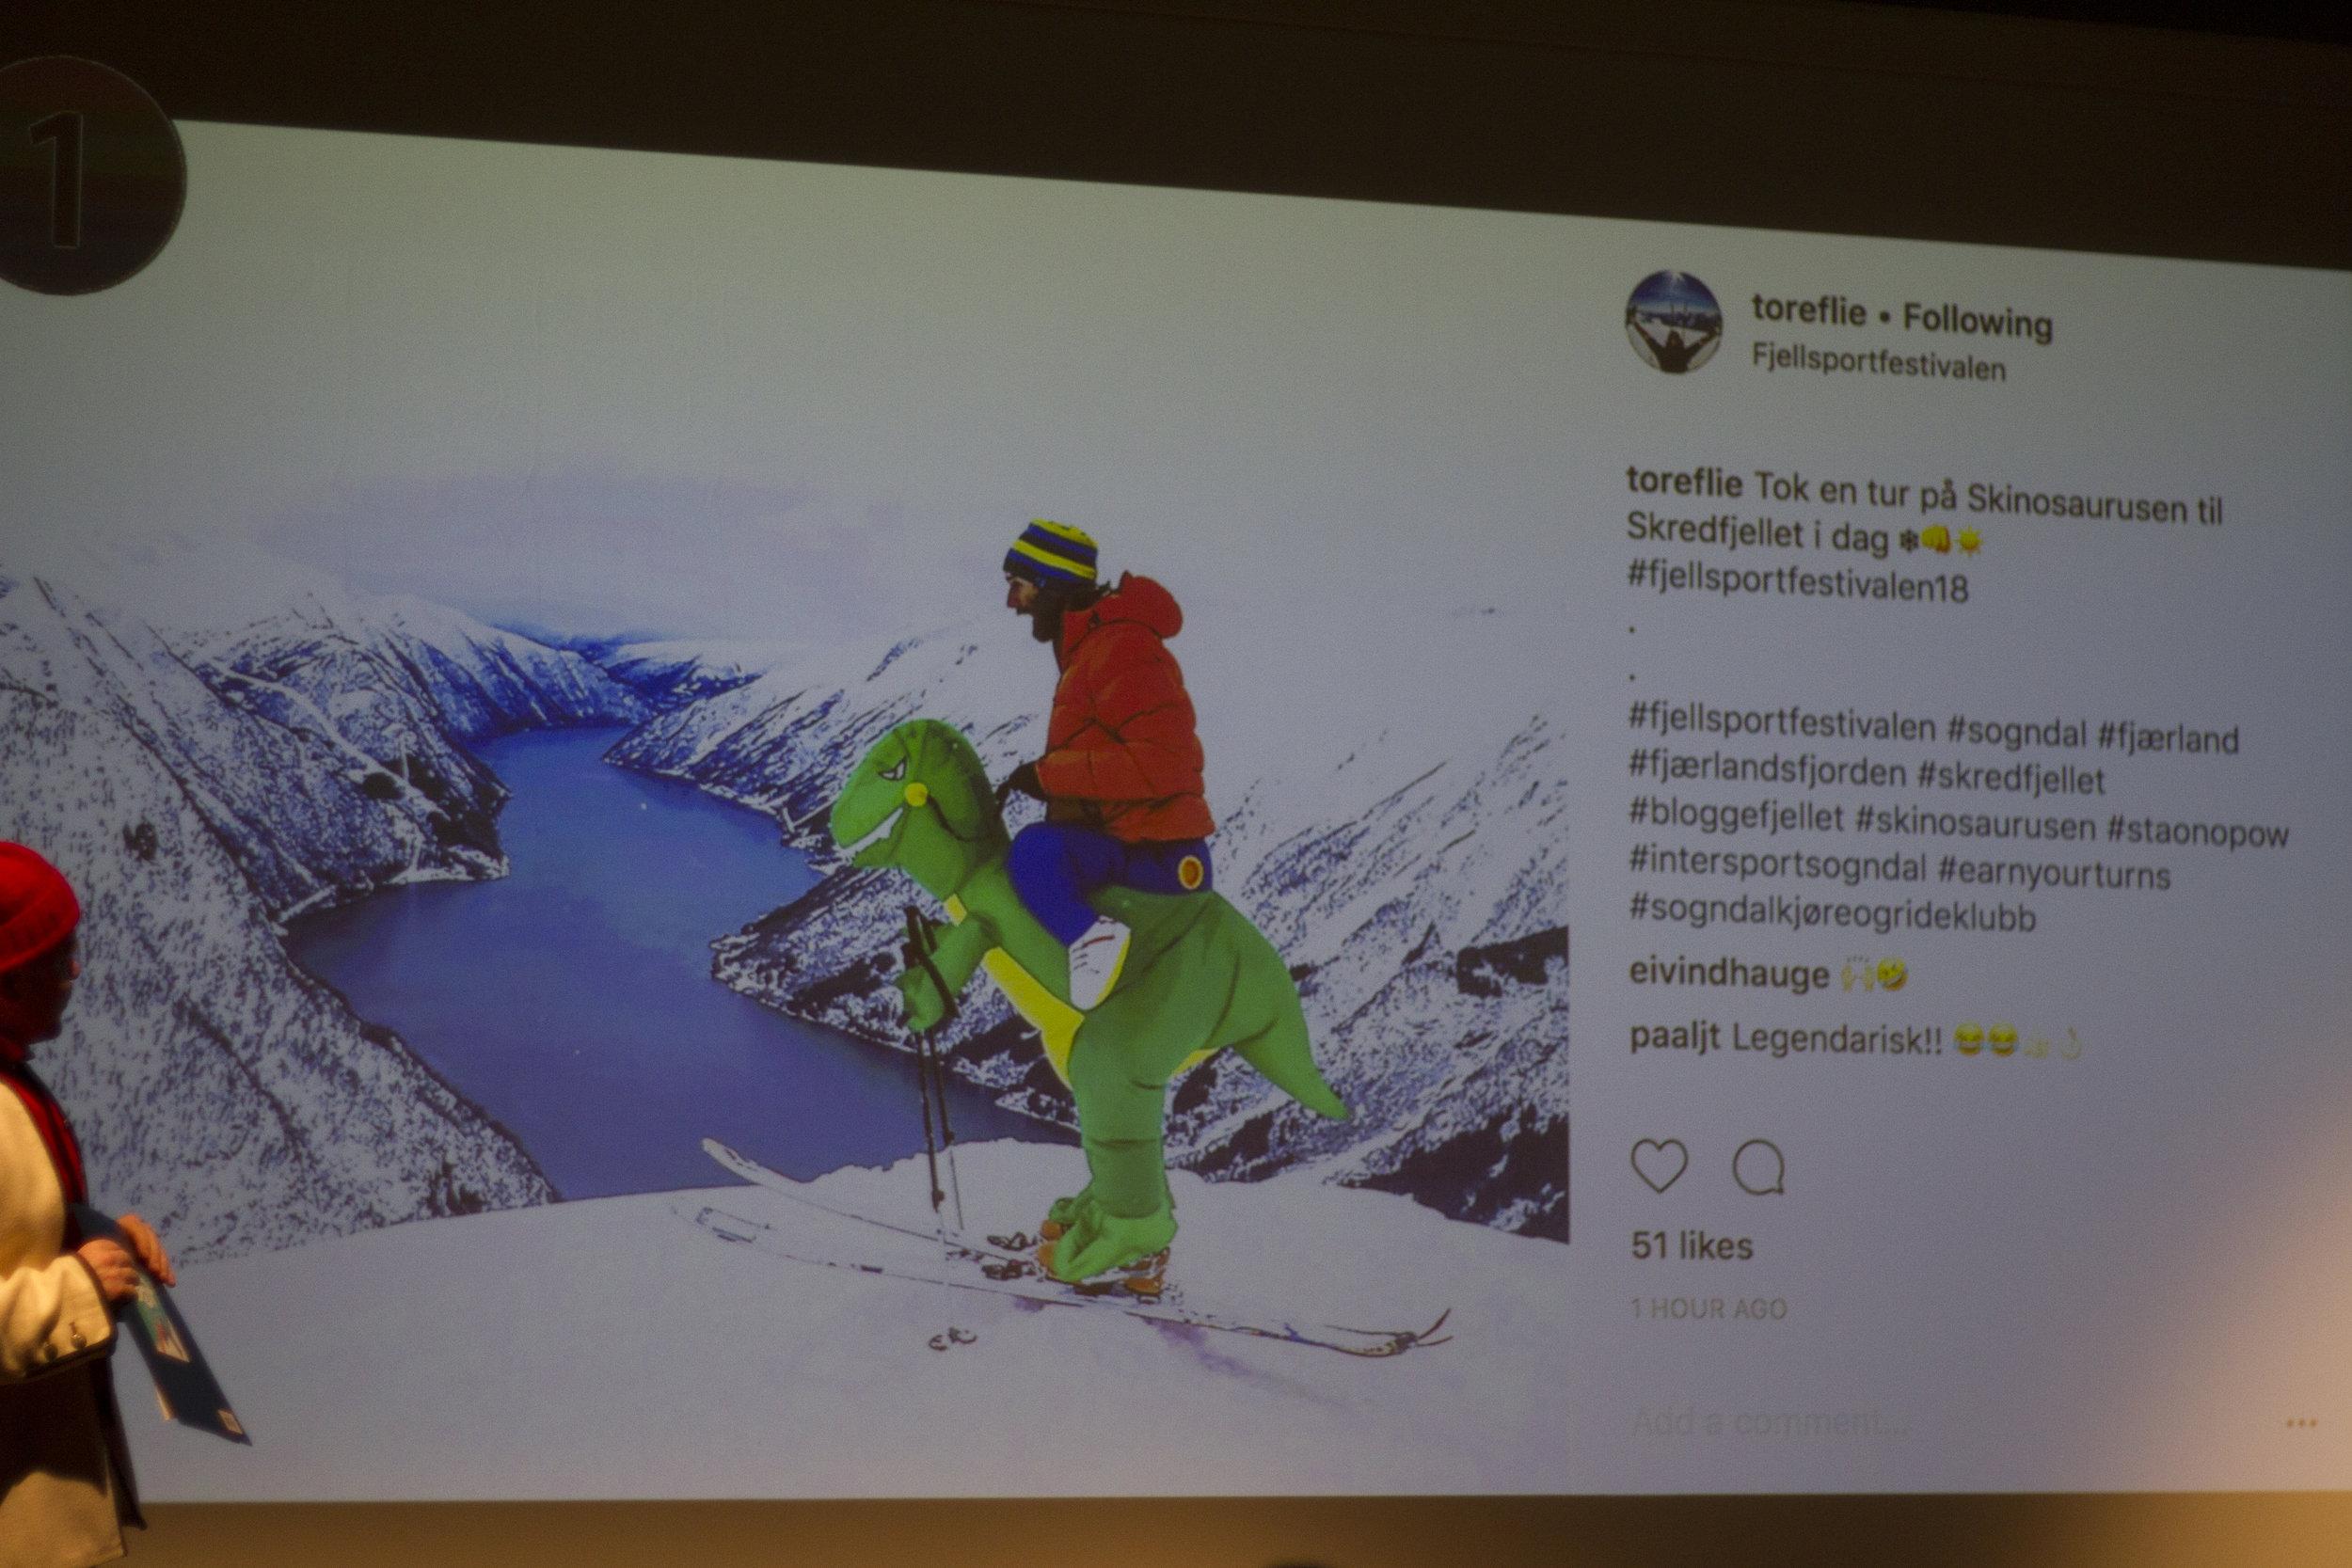 FjellsportkveldLaurdag_2018_IdaFalkgjerdetSvåi_14.jpg